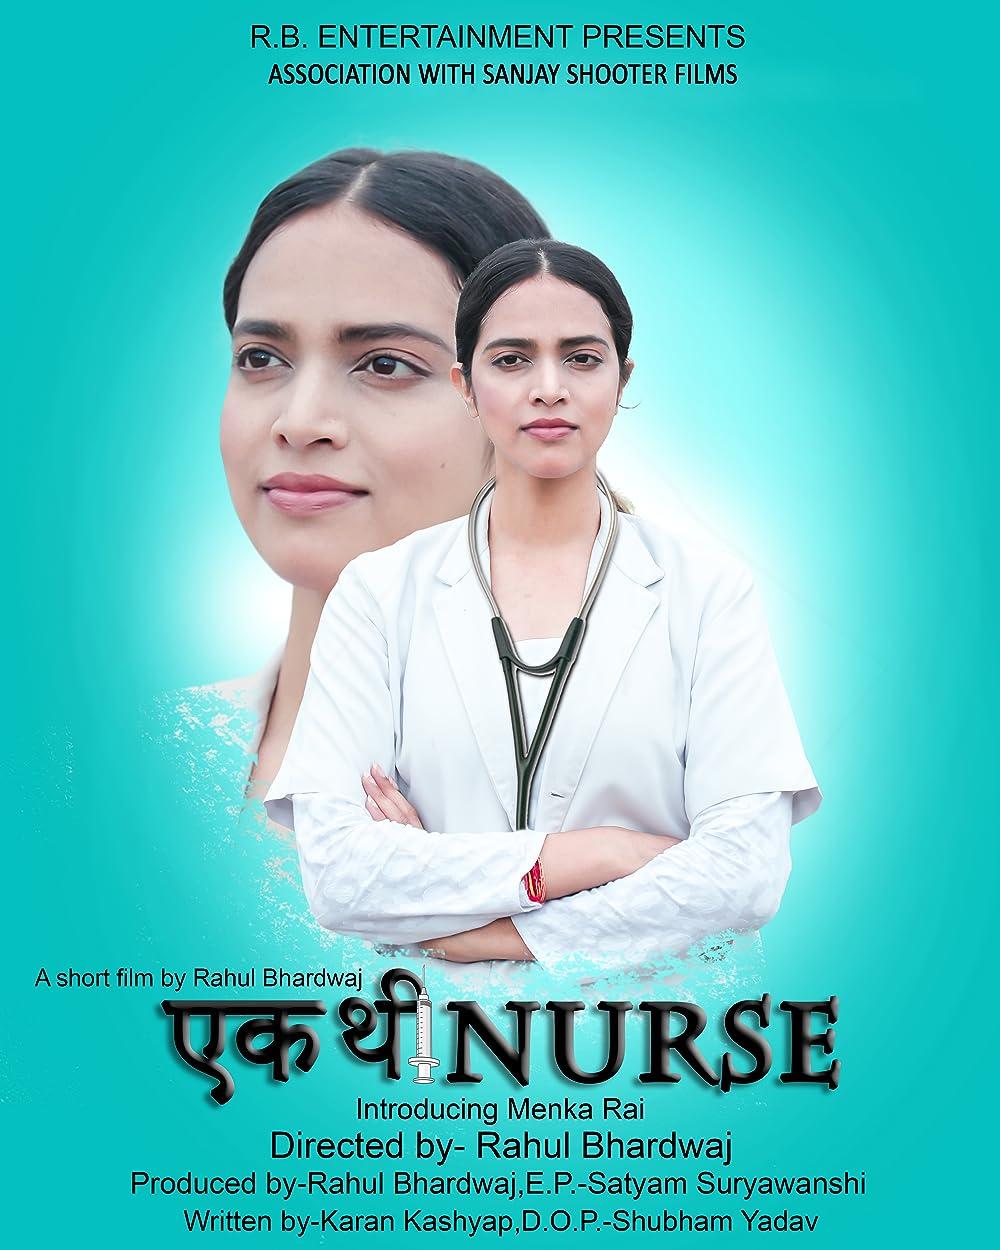 Ek Thi Nurse (2021) Hindi 720p HDRip x264 AAC 400MB Download